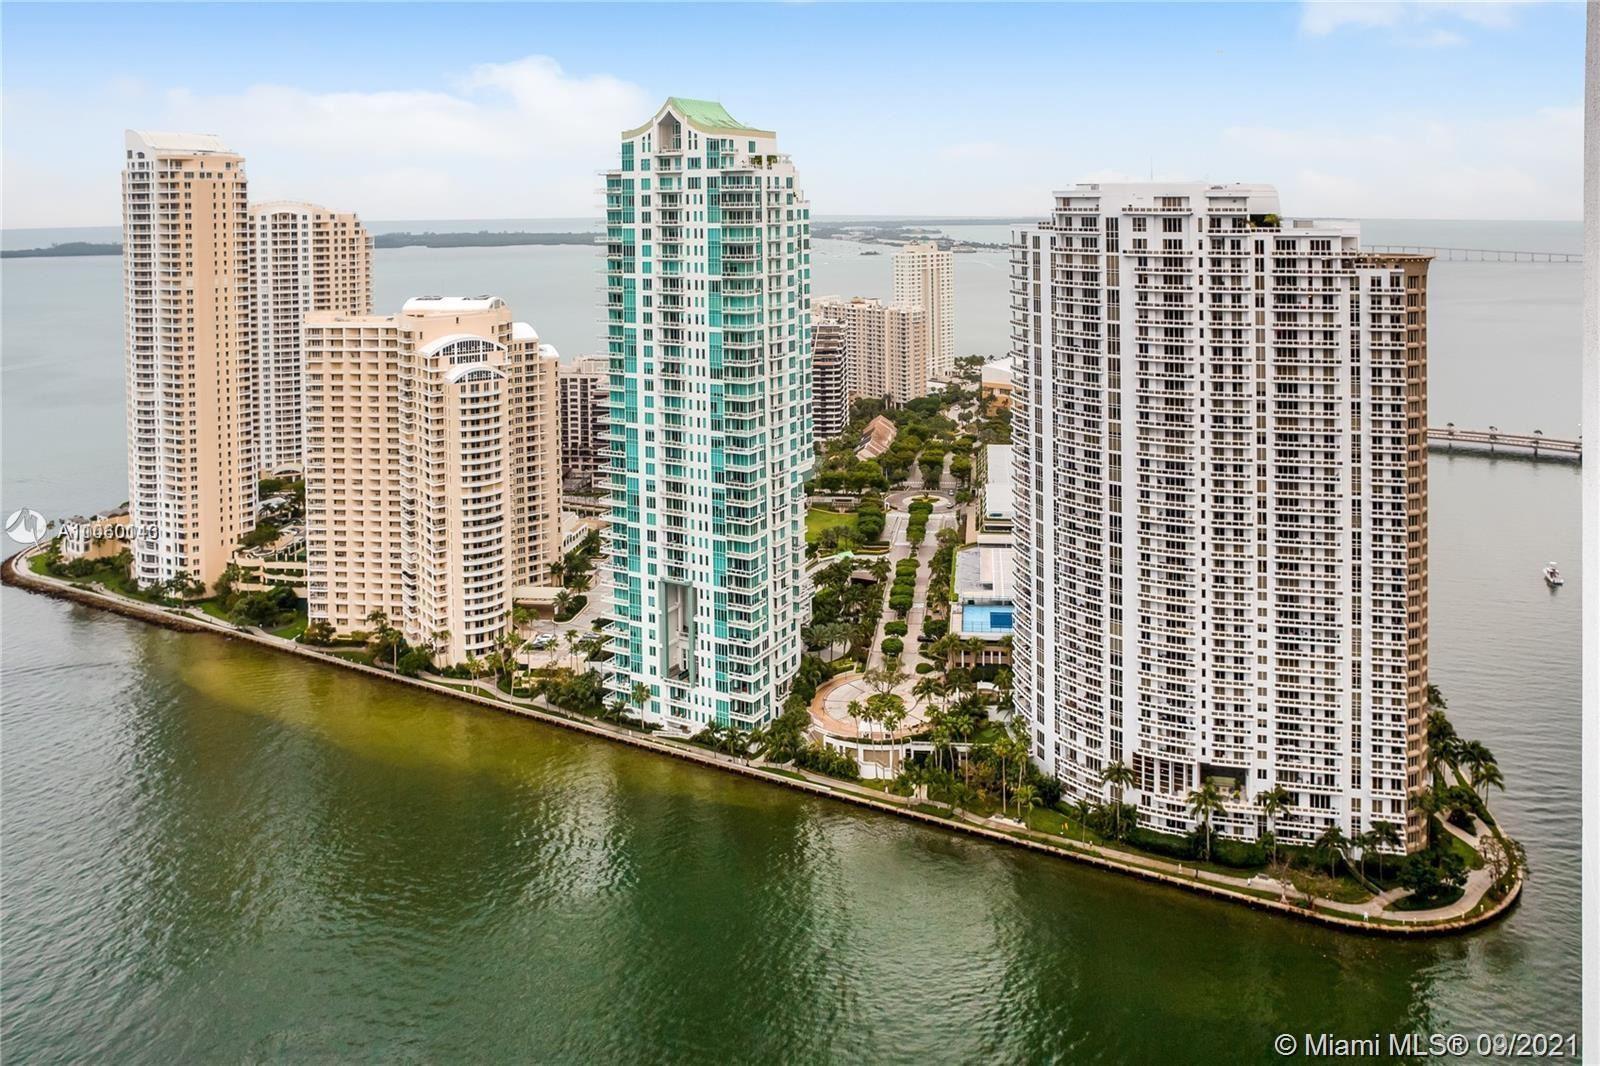 300 S BISCAYNE BLVD #T3012, Miami, FL 33131 - #: A11060143